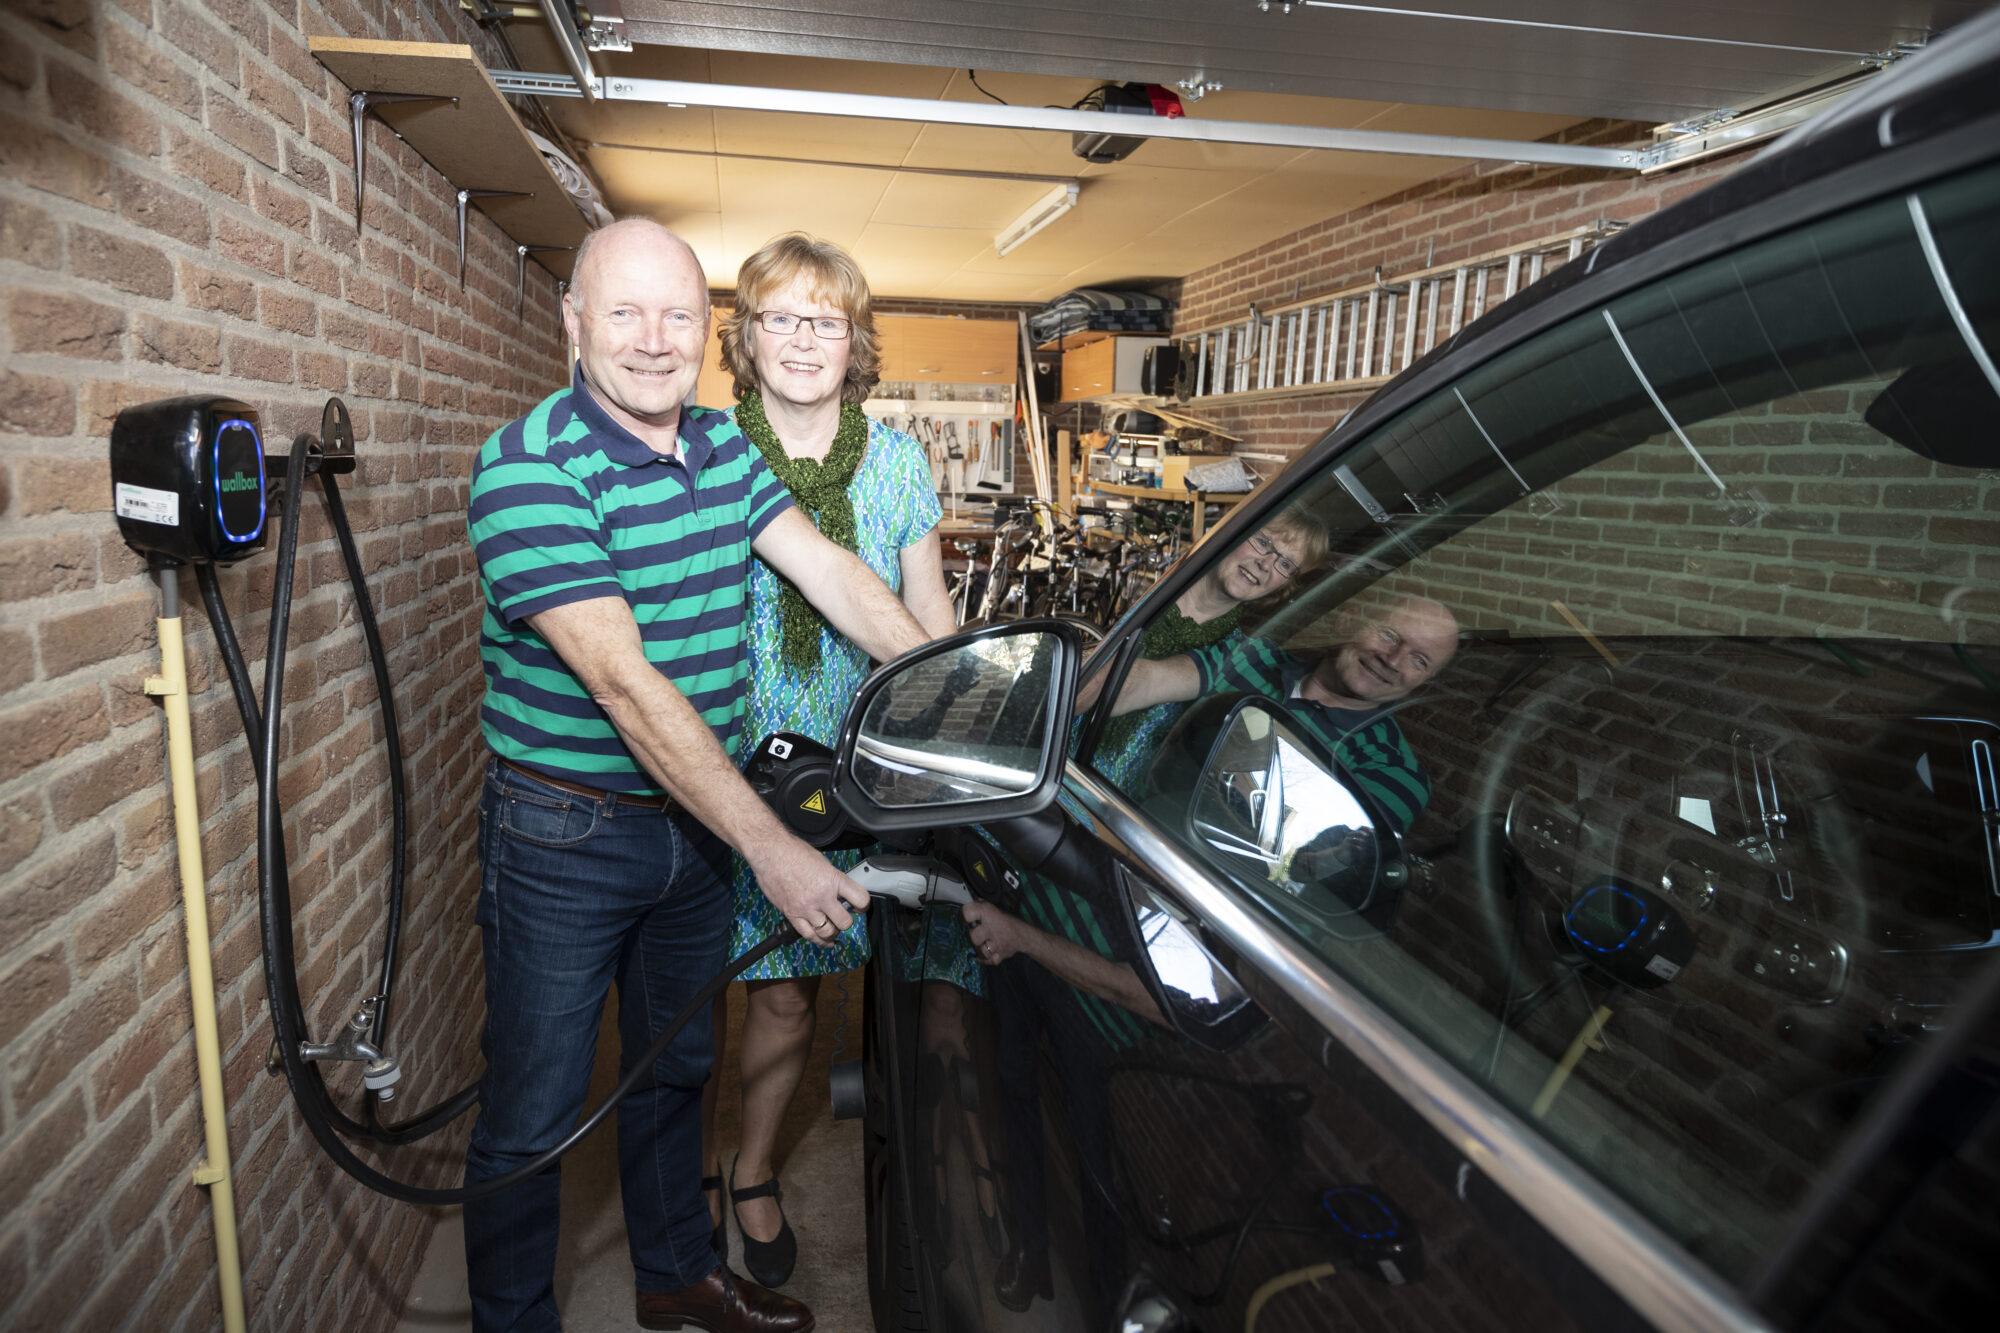 Laadcoaches helpen duurzaam elektrisch te rijden